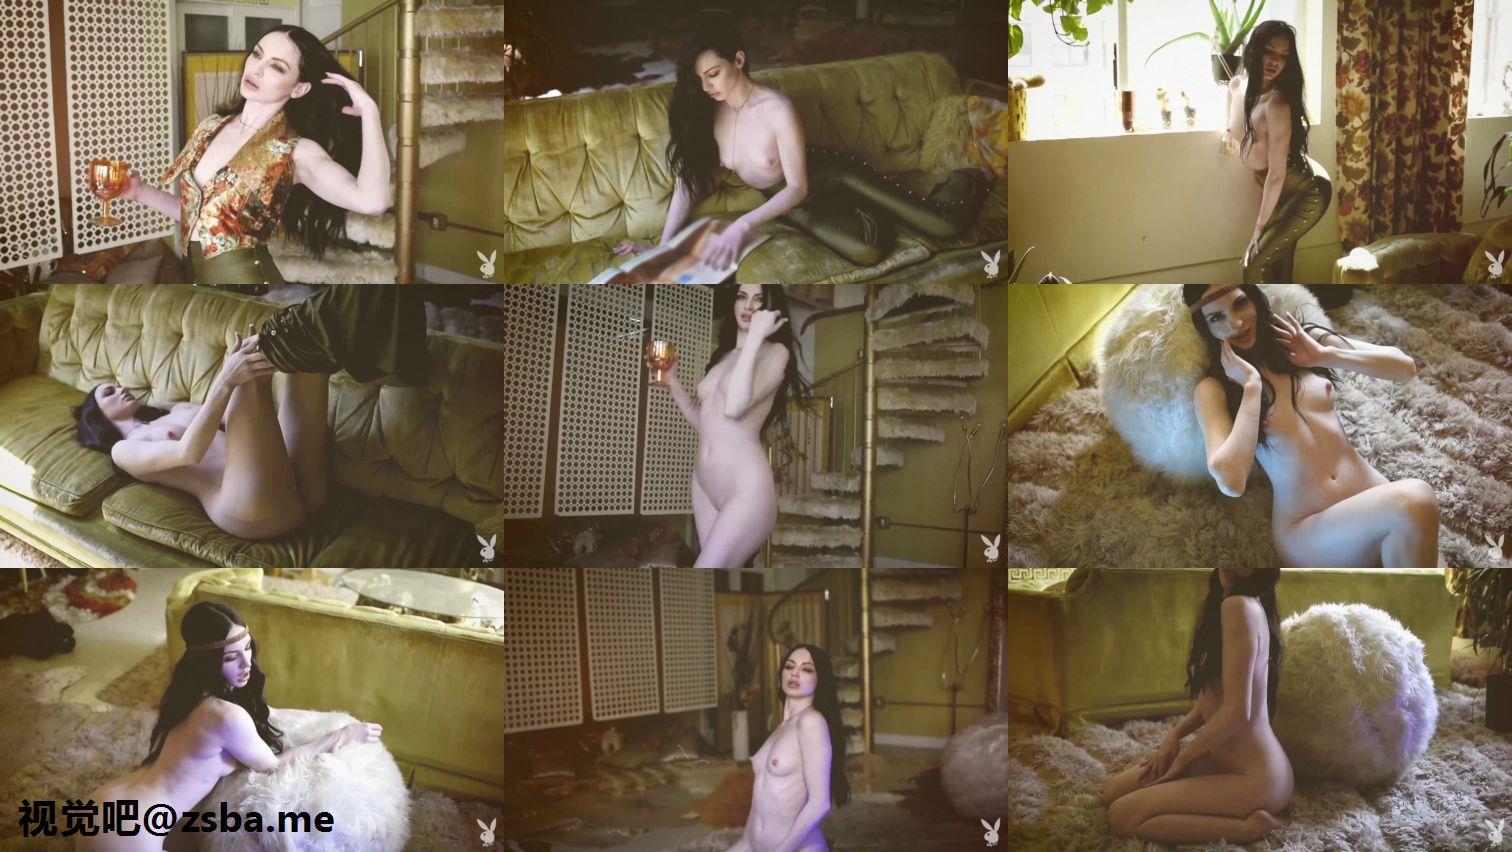 视觉吧@PlayboyPlus 花花公子写真视频最新20部高清合集[1080P无水印]插图7